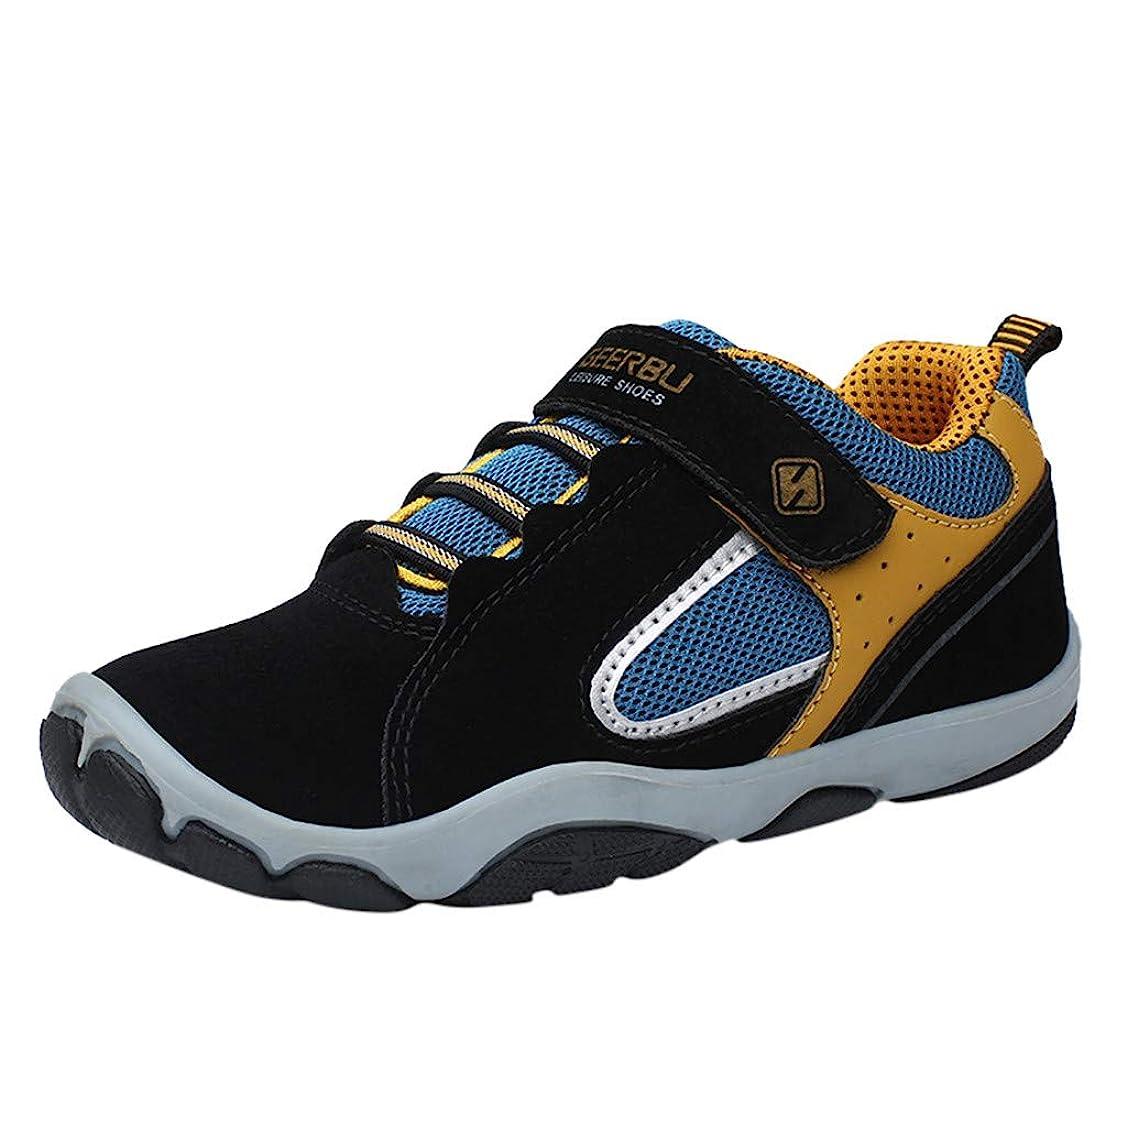 試用離れた苗Eldori 幼児の靴 人気 ファッション 可愛い男性と女性の子供のカジュアルシューズ 滑り止め 通気性の大きなカジュアルな屋外 公園遊び 旅行する 子供のスポーツシューズカジュアルシューズ 5.5-17歳